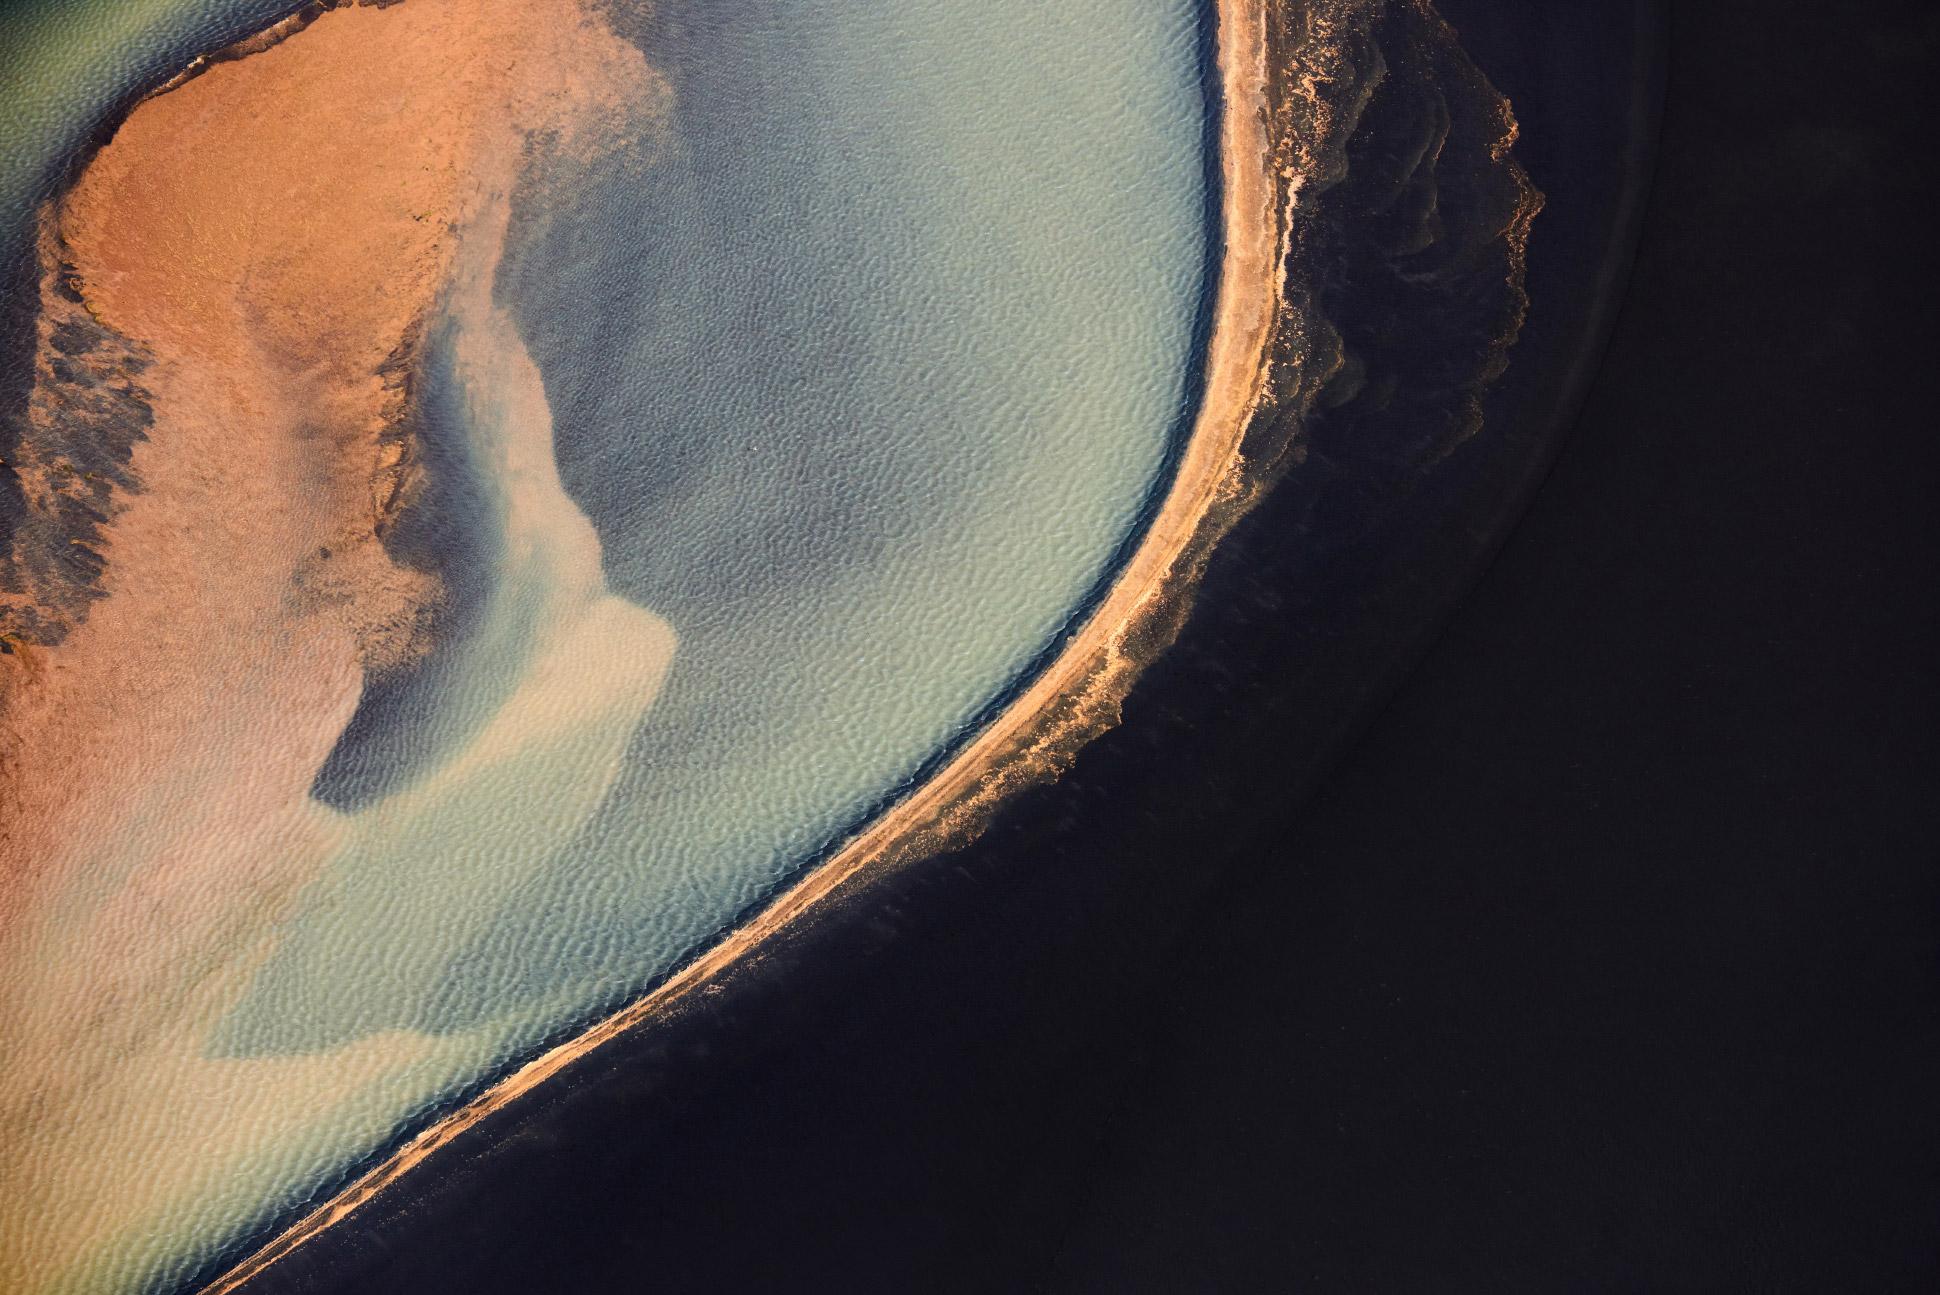 mineral-matter-brooke-holm-goodfromyou-5.jpg